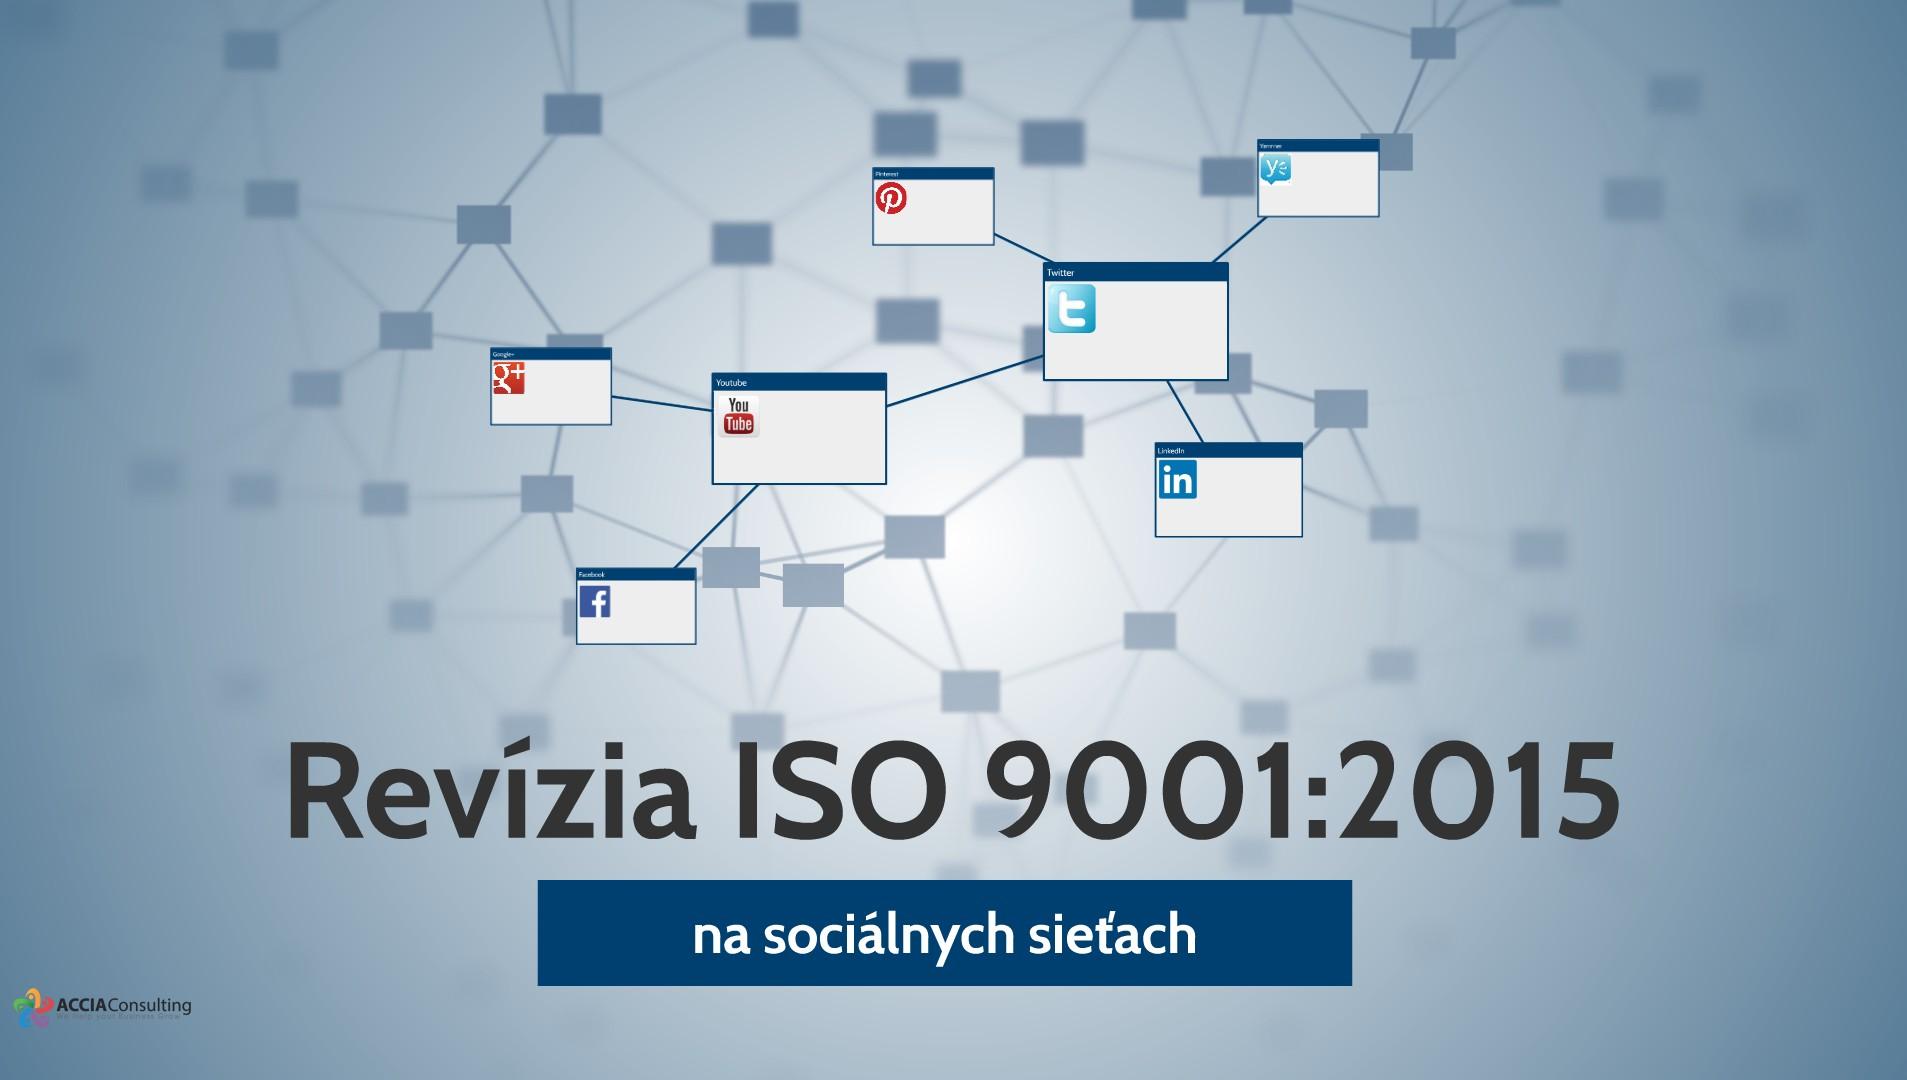 Blog Revízia ISO 9001:2015 na sociálnych sieťach